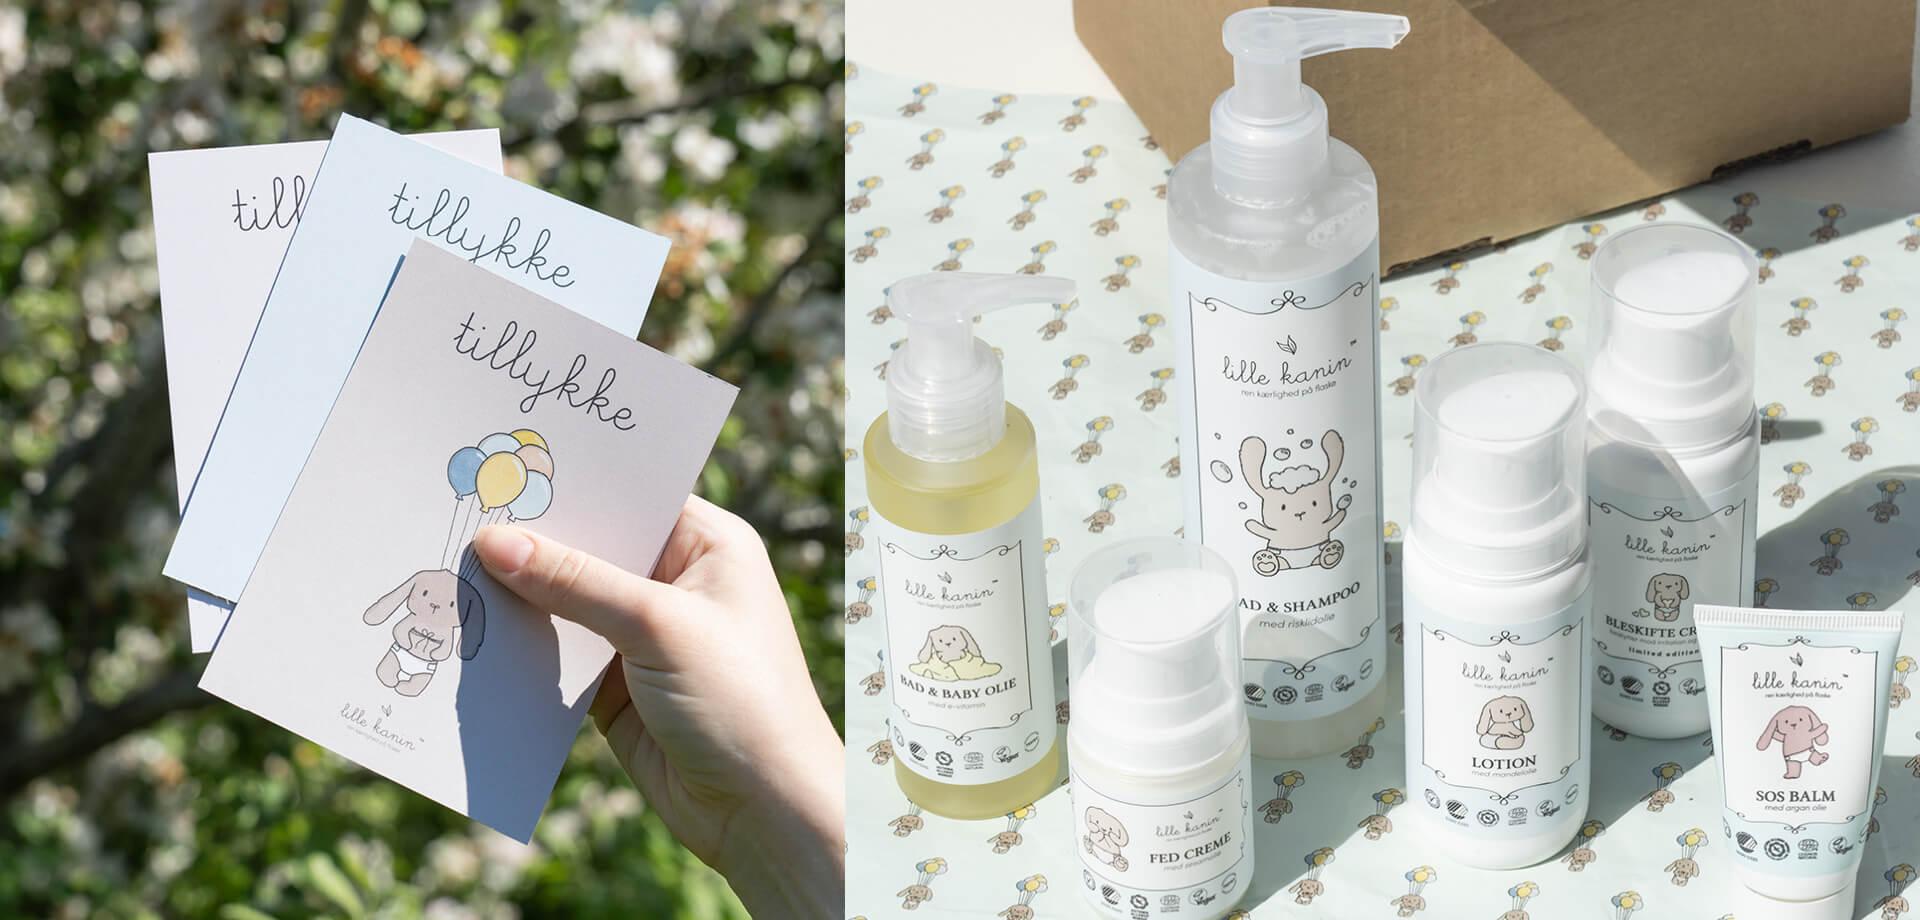 produkter fra lille kanin samt tillykke kort